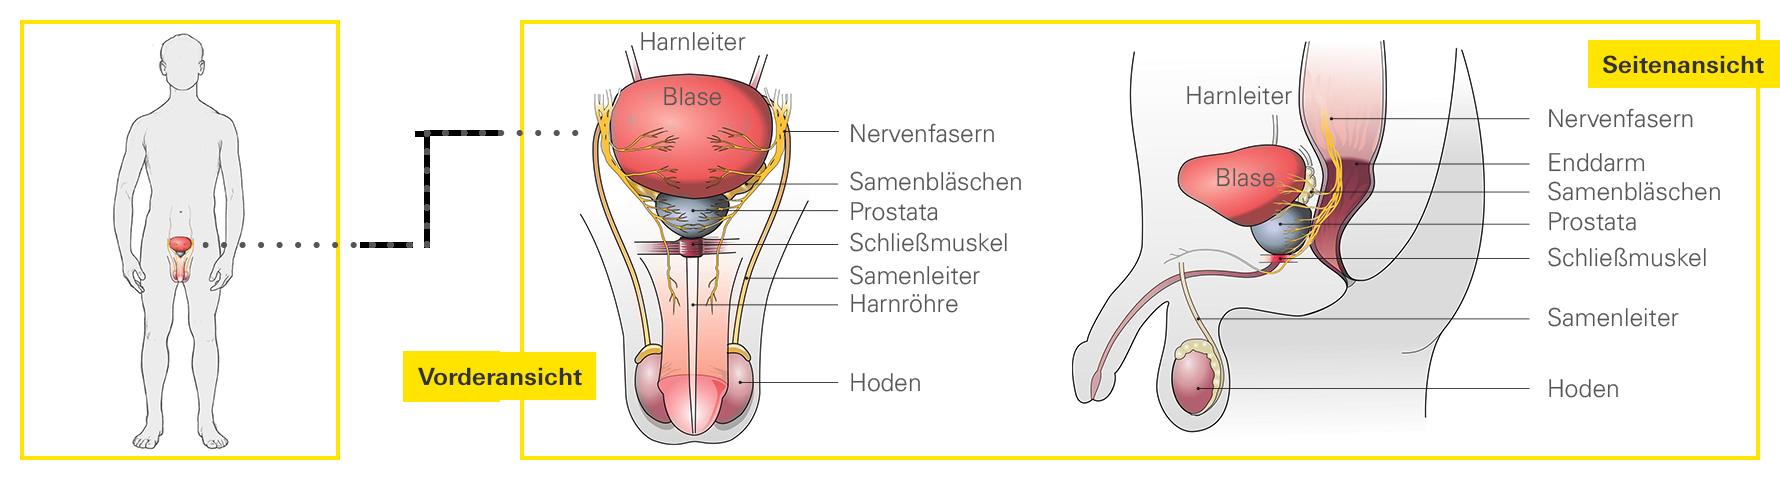 Wissen - Meine Prostata - Astellas | Meine Prostata